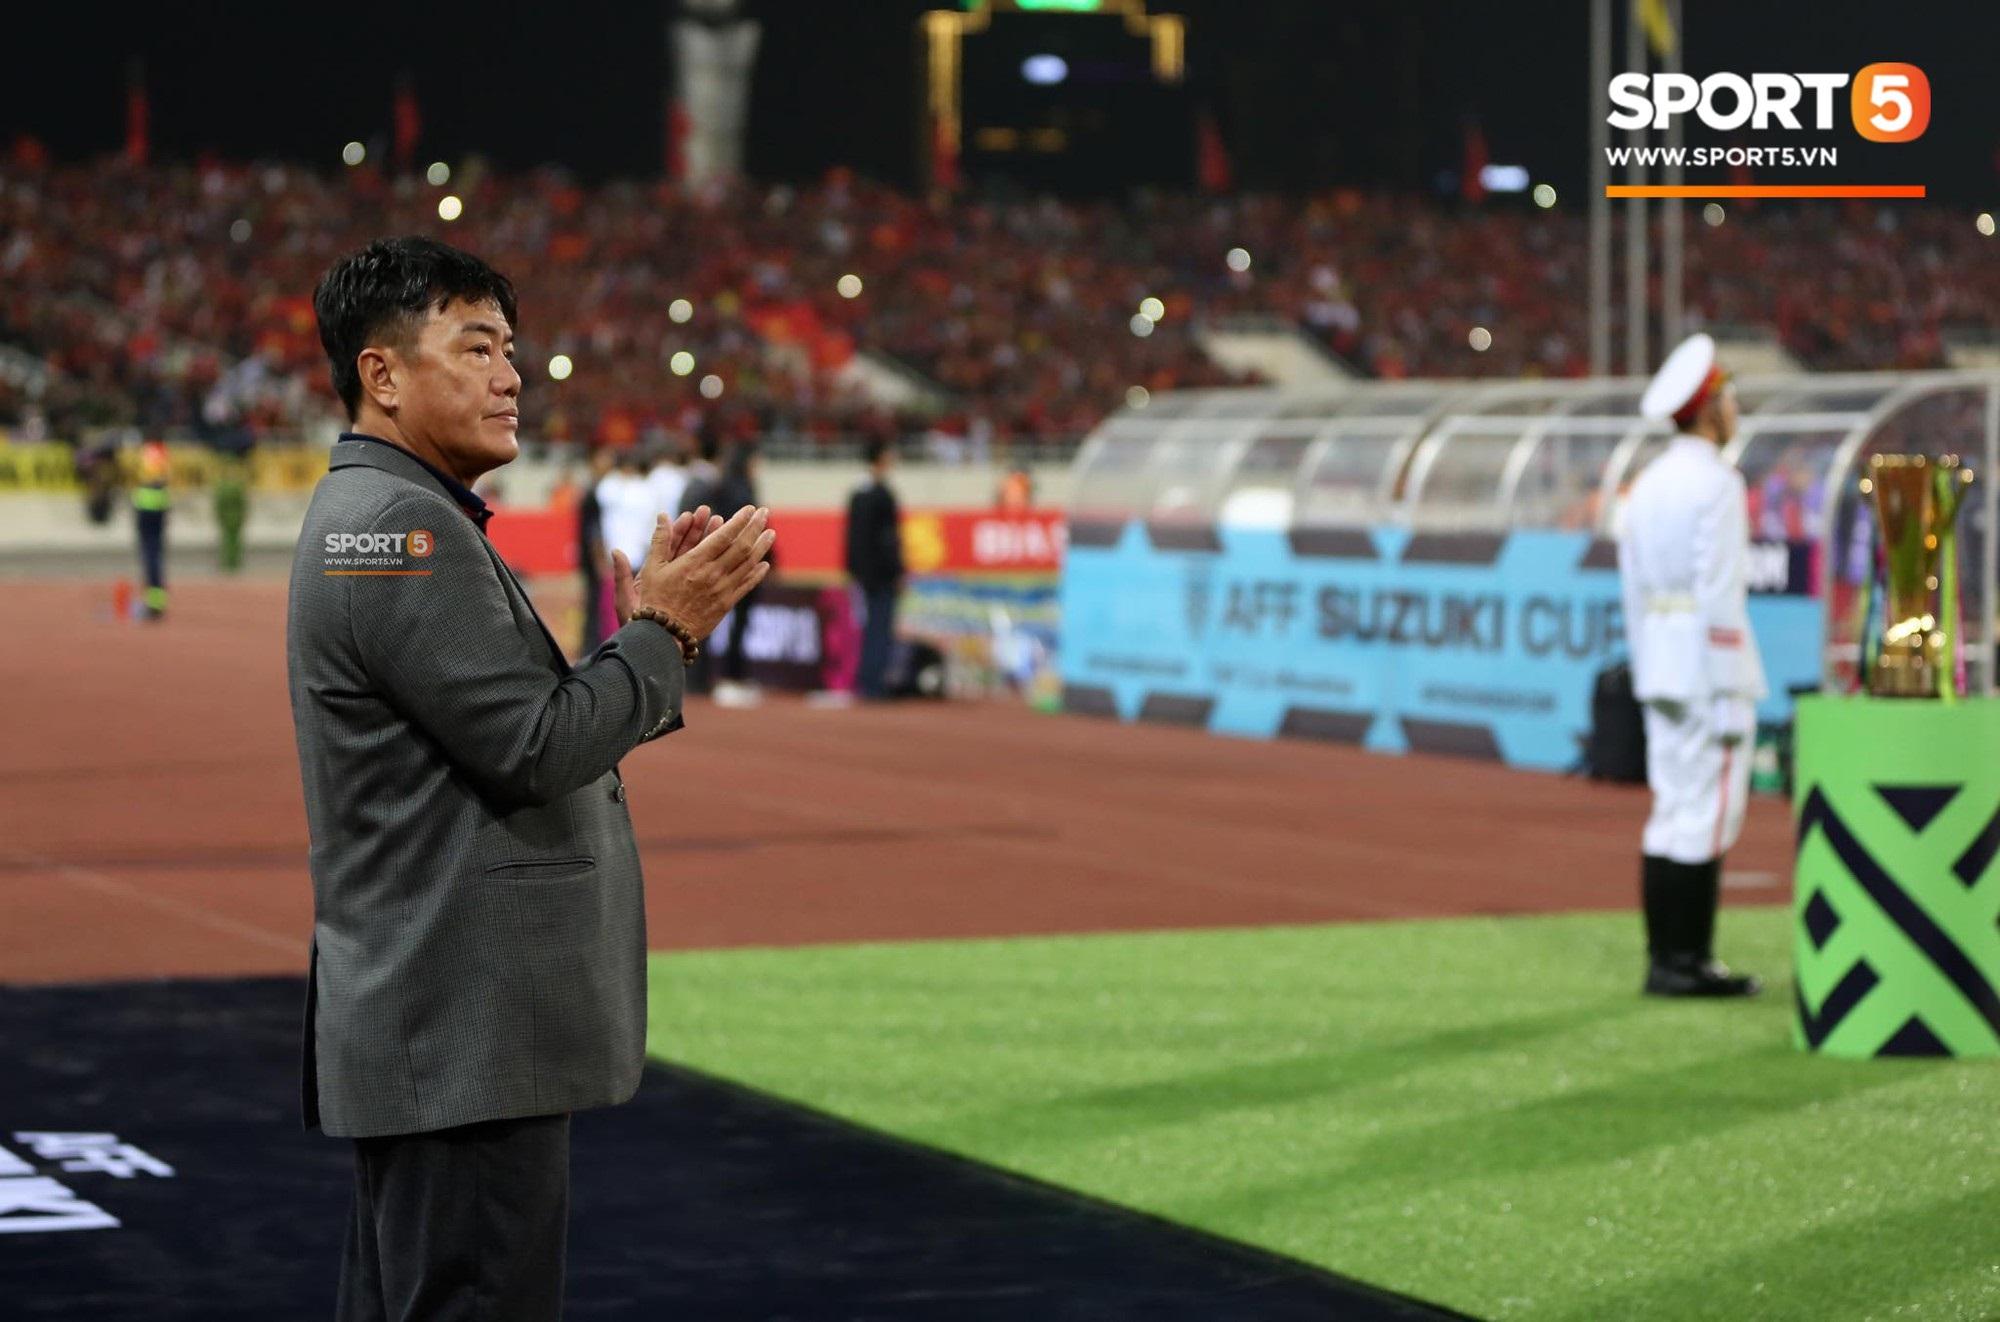 Giây phút chào cờ xúc động của đội tuyển Việt Nam, Đình Trọng, Hồng Duy cùng cầu nguyện trước khi xung trận - Ảnh 12